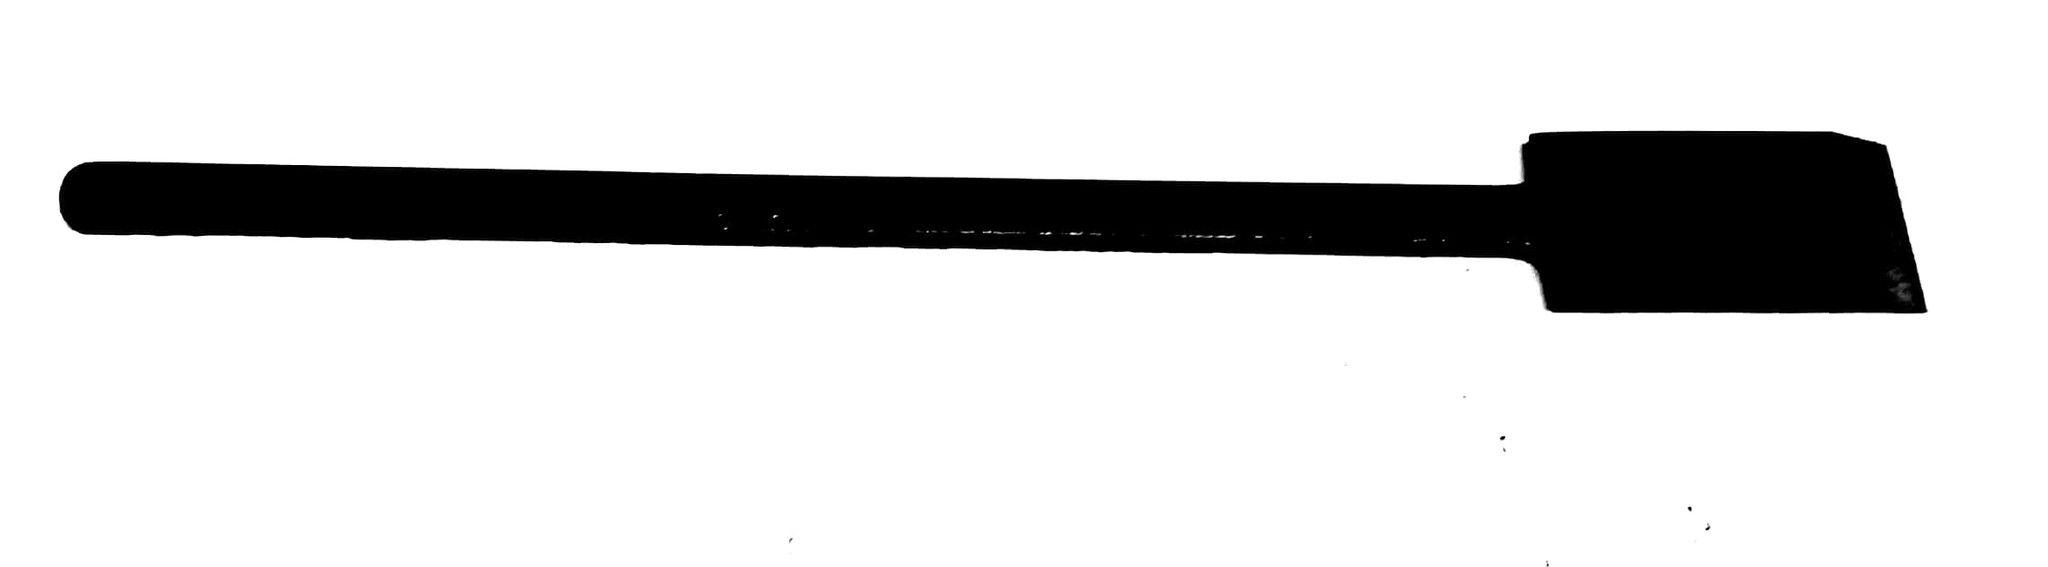 Ferro per sponderuola tipo semplice mm 18